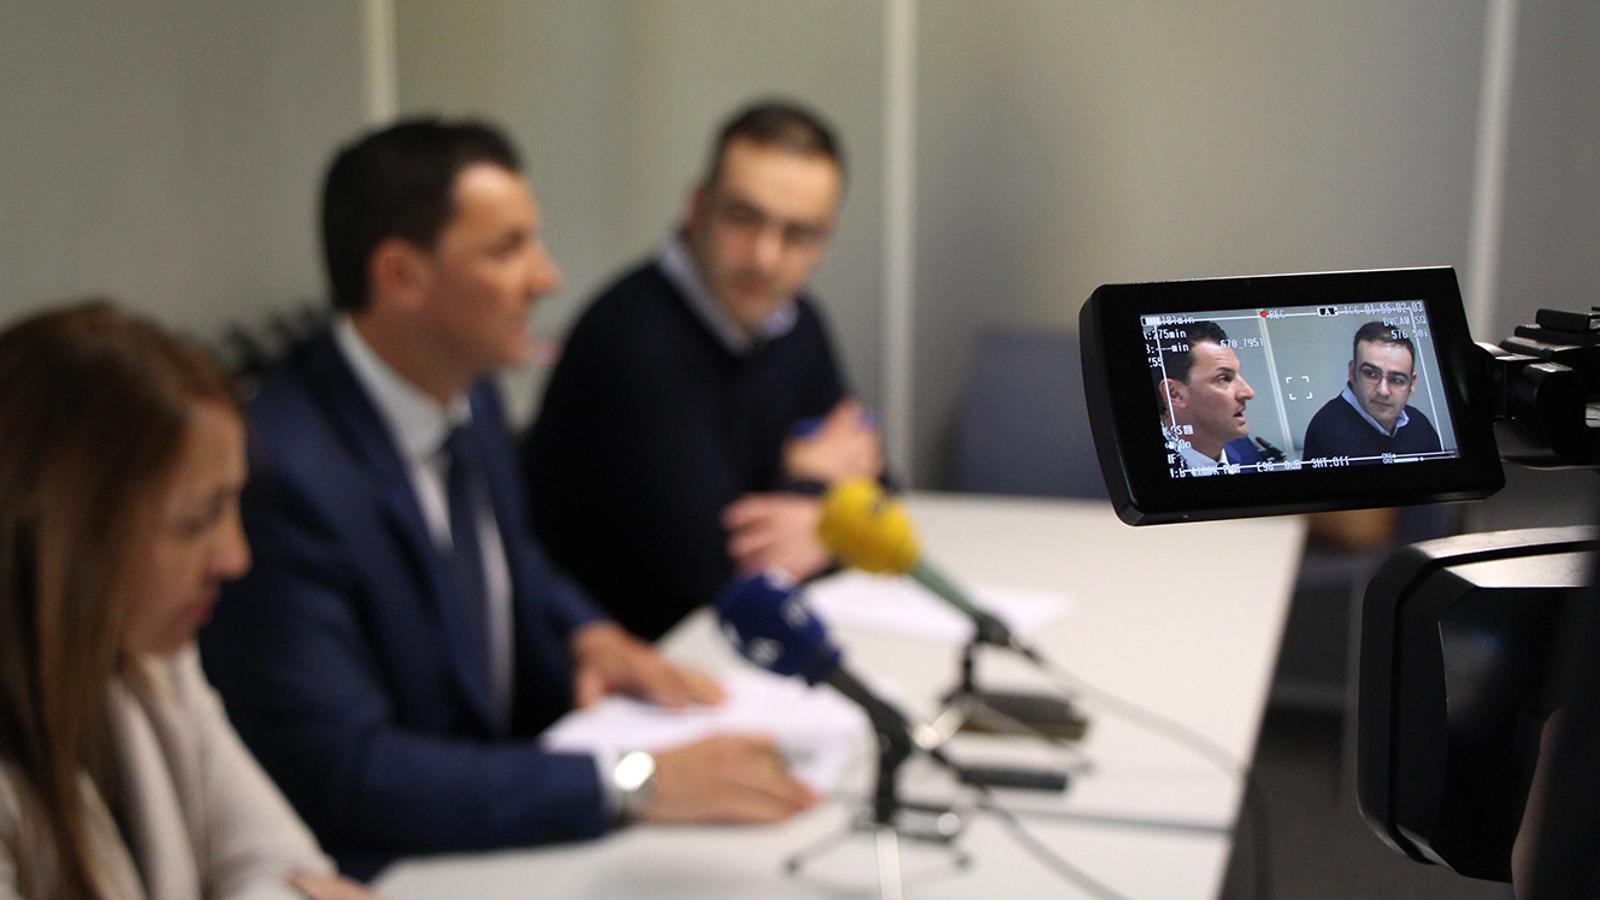 El president del partit i del grup parlamentari Liberal, Jordi Gallardo, durant la roda de premsa. / M. M.